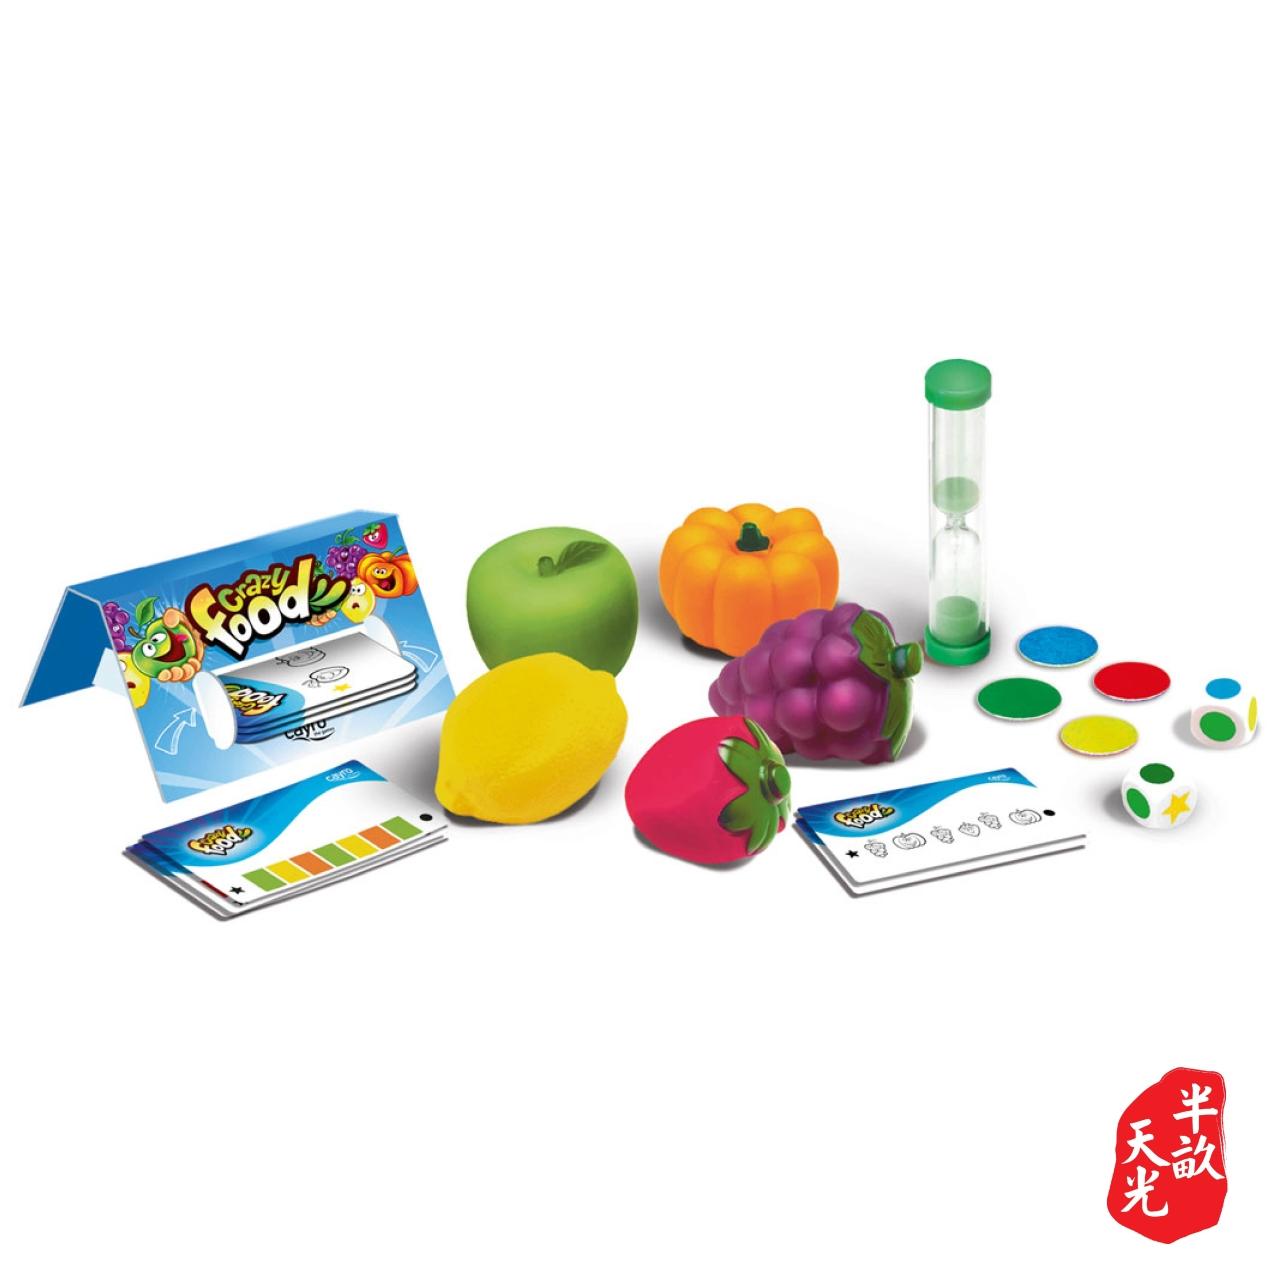 儿童桌游/儿童游戏/正版桌游: Crazy Food